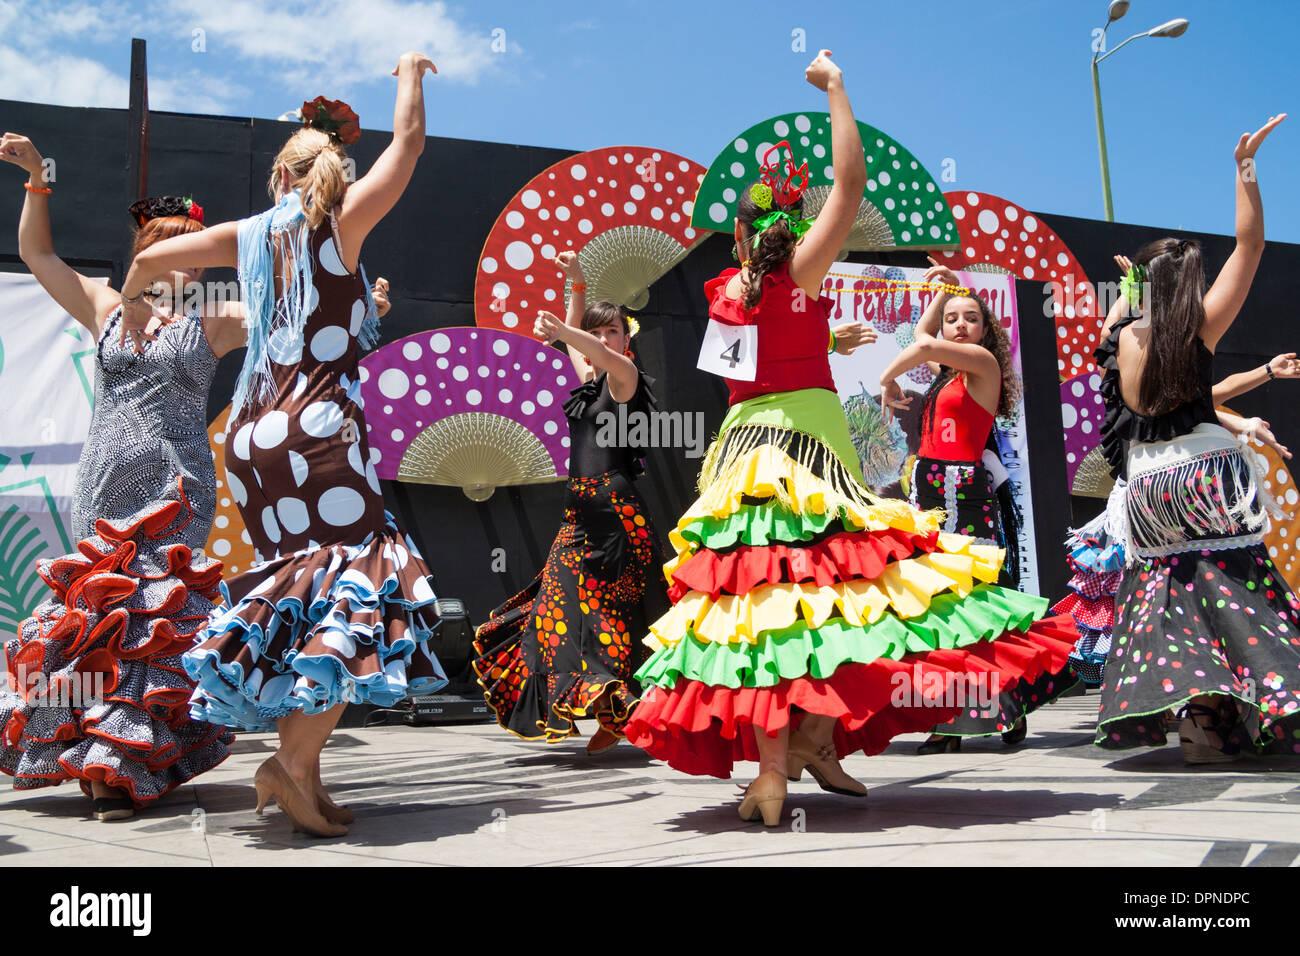 Bailarines de flamenco en la Feria de Abril semana flamenca en Las Palmas, Gran Canaria, Islas Canarias, España Imagen De Stock